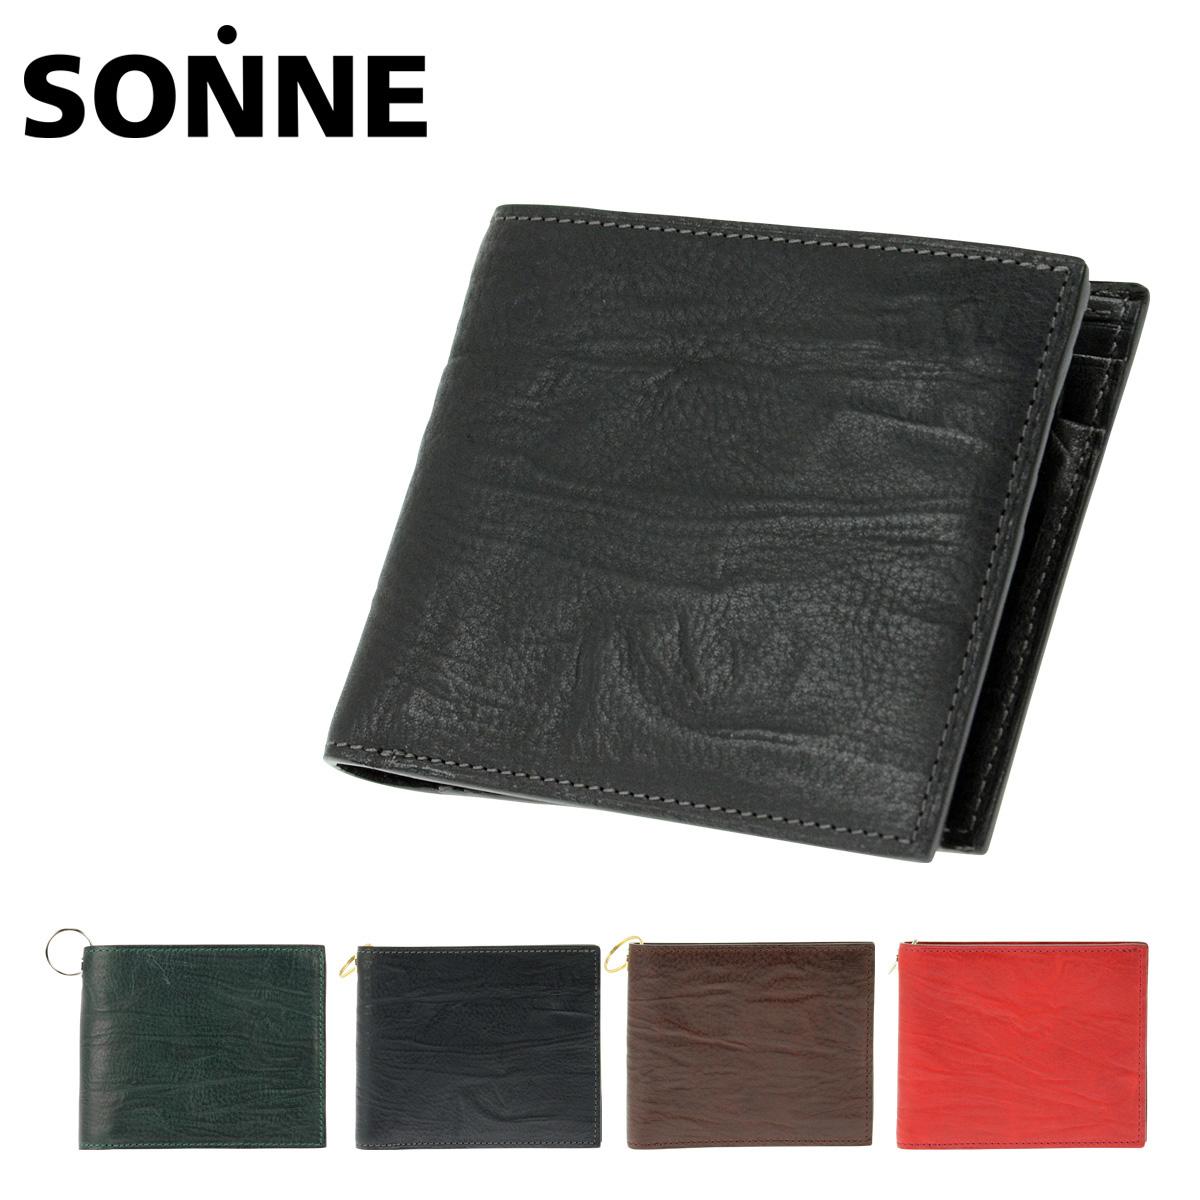 ゾンネ 二つ折り財布 シロッコ メンズ SOD003B SONNE | 本革 レザー ブランド専用BOX付き[PO10][bef]